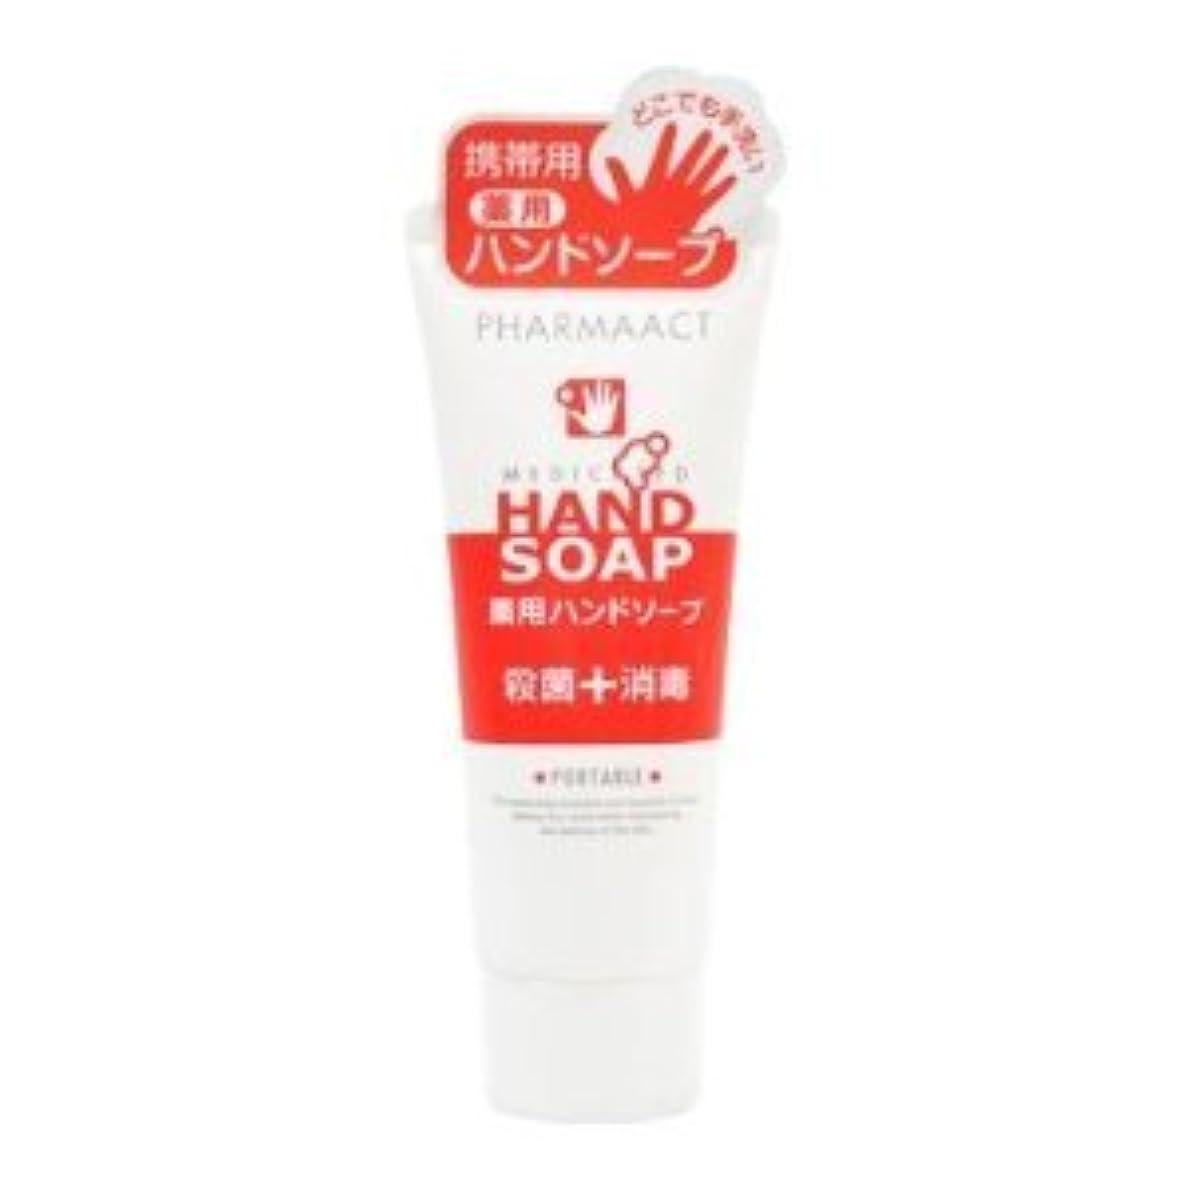 空白件名トラップ熊野油脂 ファーマアクト 薬用ハンドソープ 携帯用 65g×96点セット (4513574015814)